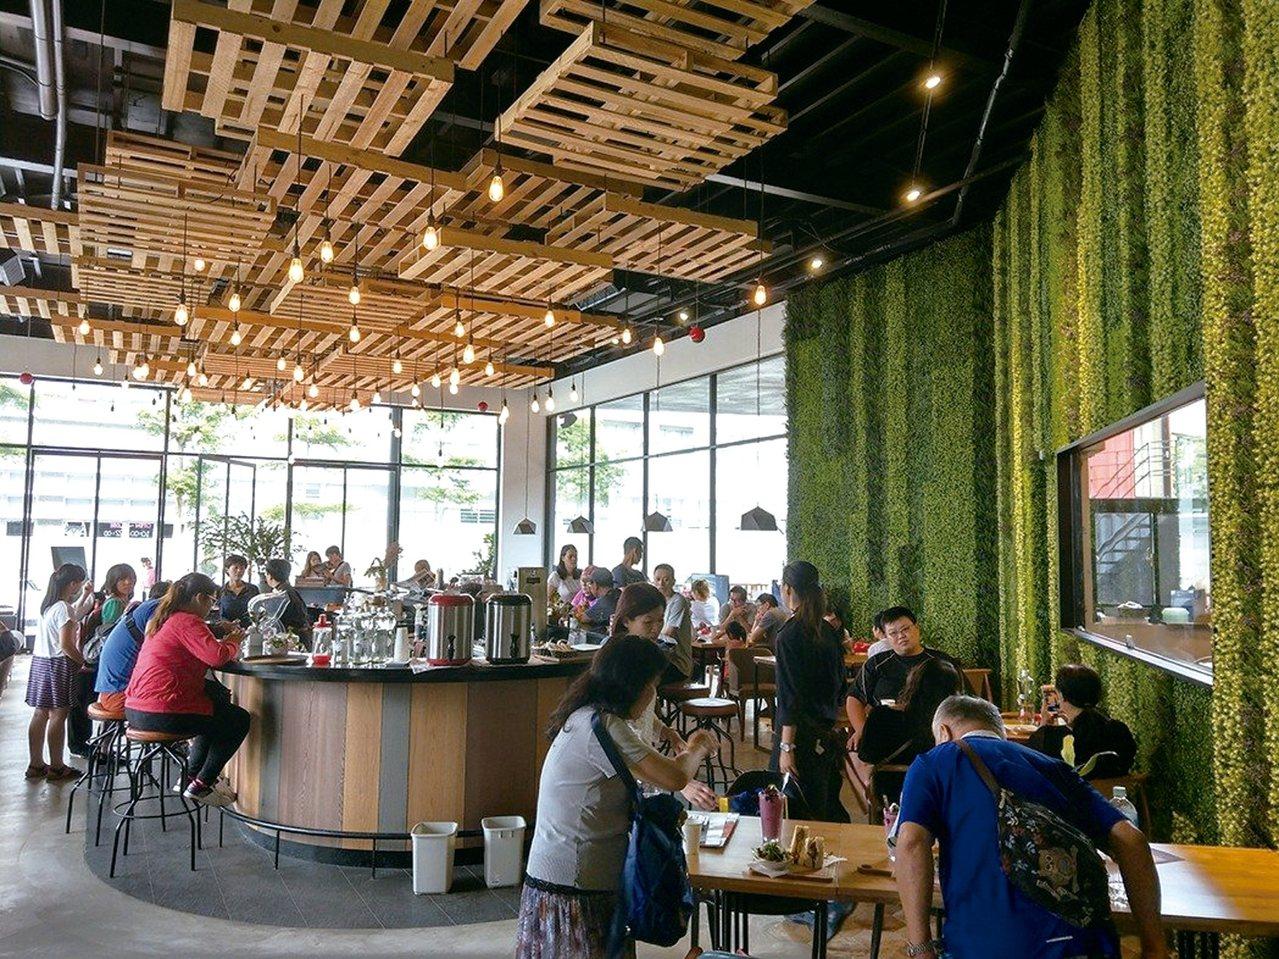 莊政儒曾以咖啡店取代樣品屋的策略,成功吸引鄰里目光。 圖/達永建設提供